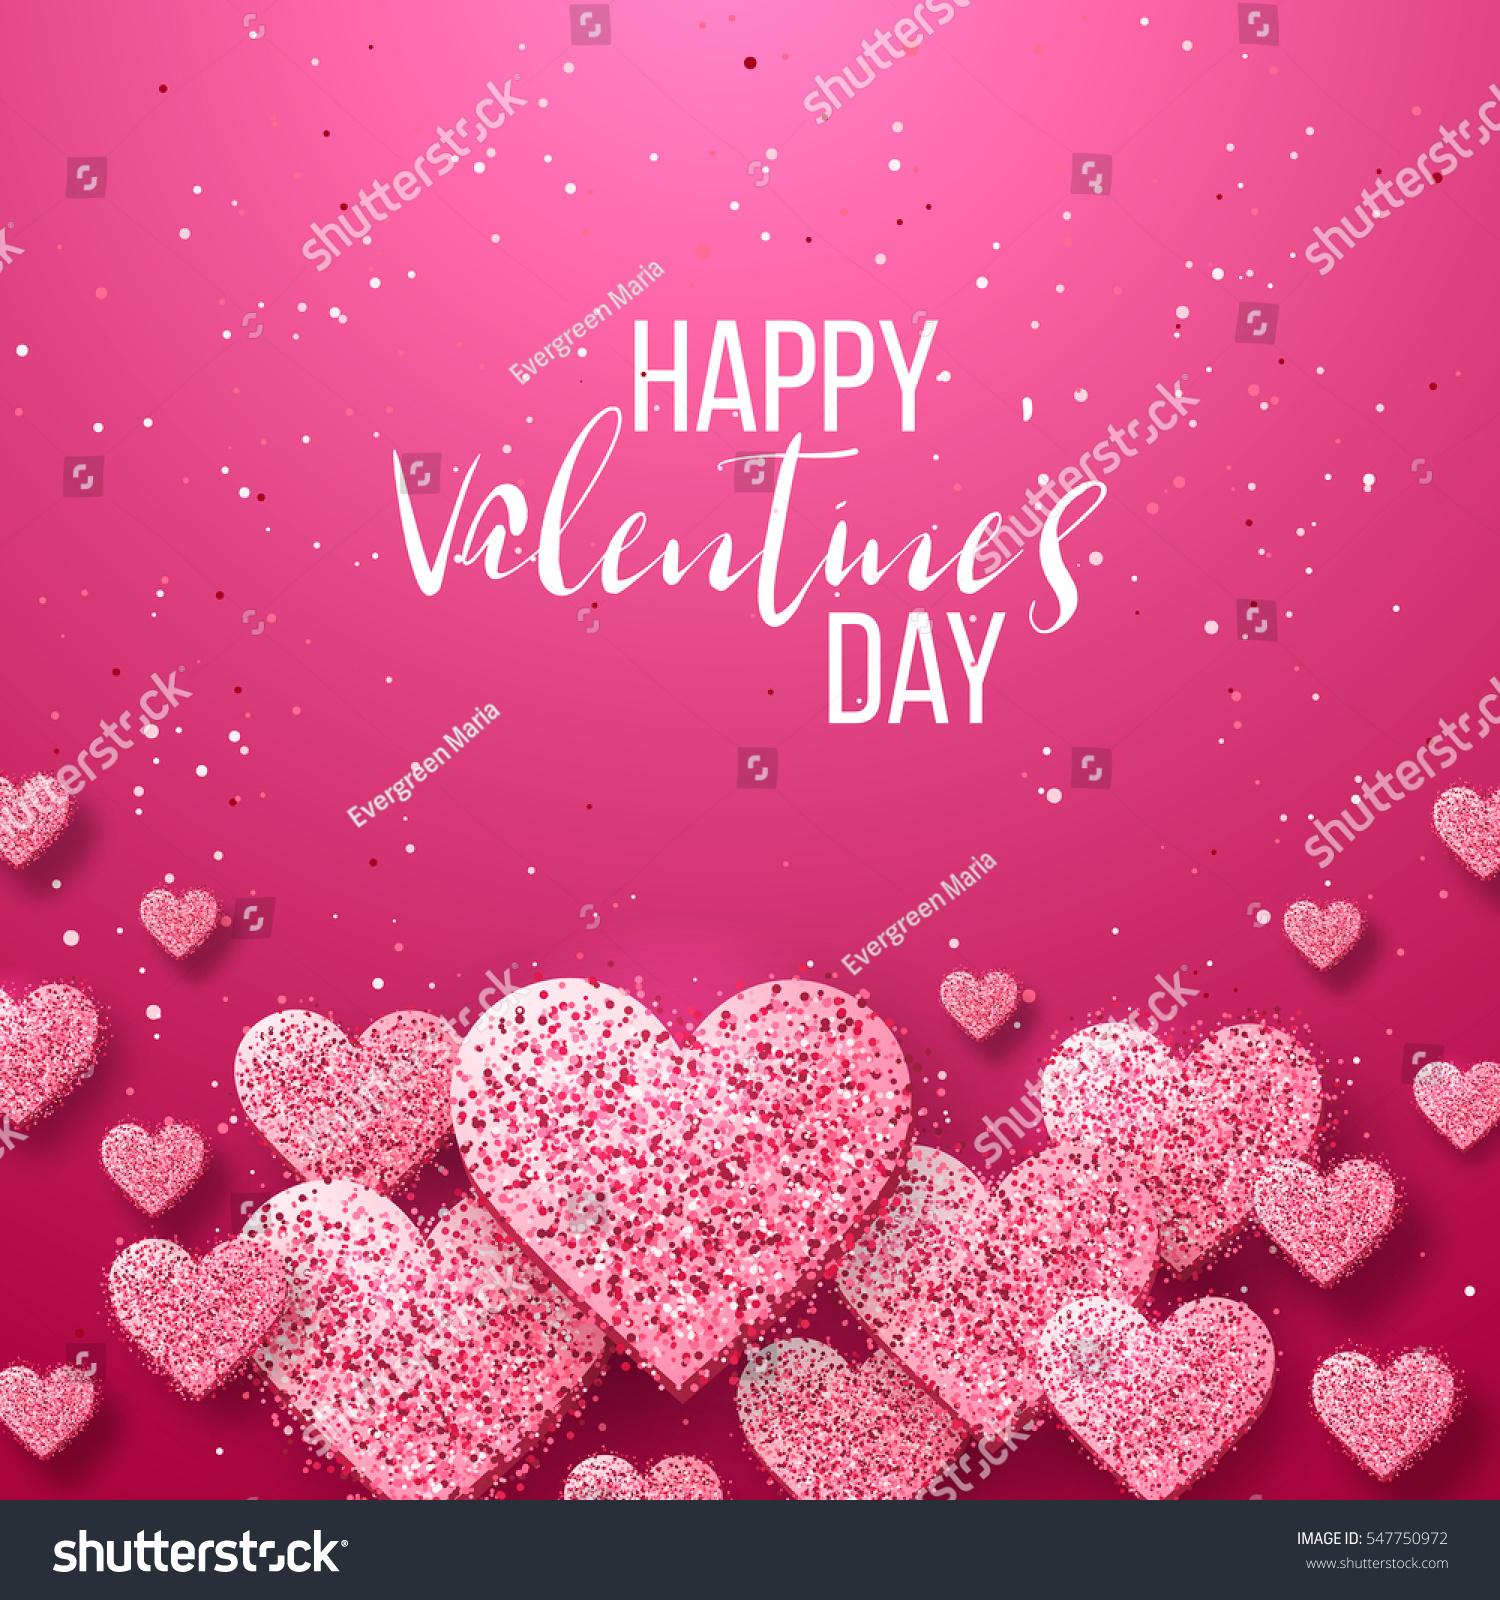 Luxury Elegant Happy Valentine Day Festive Stock-Vektorgrafik ...